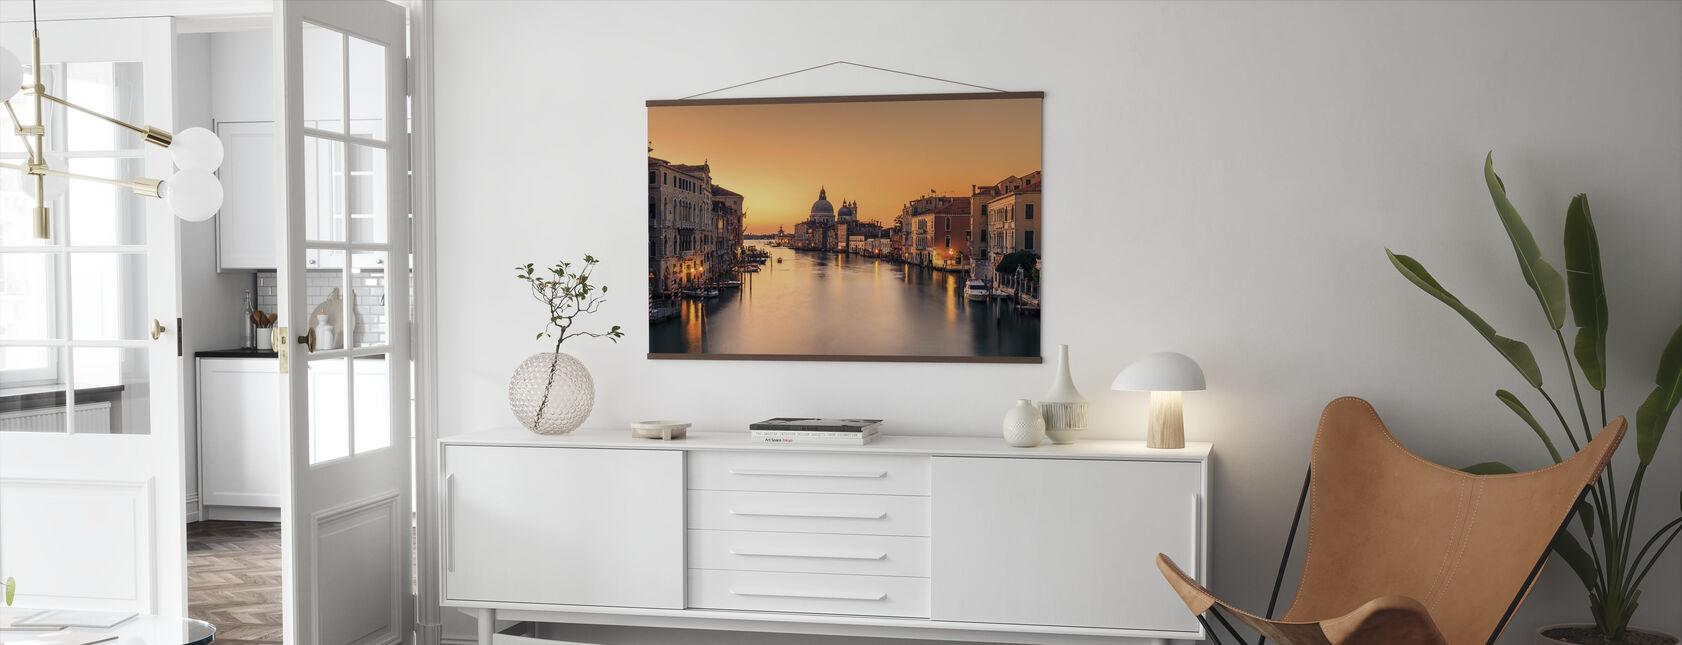 Dawn op Venetië - Poster - Woonkamer